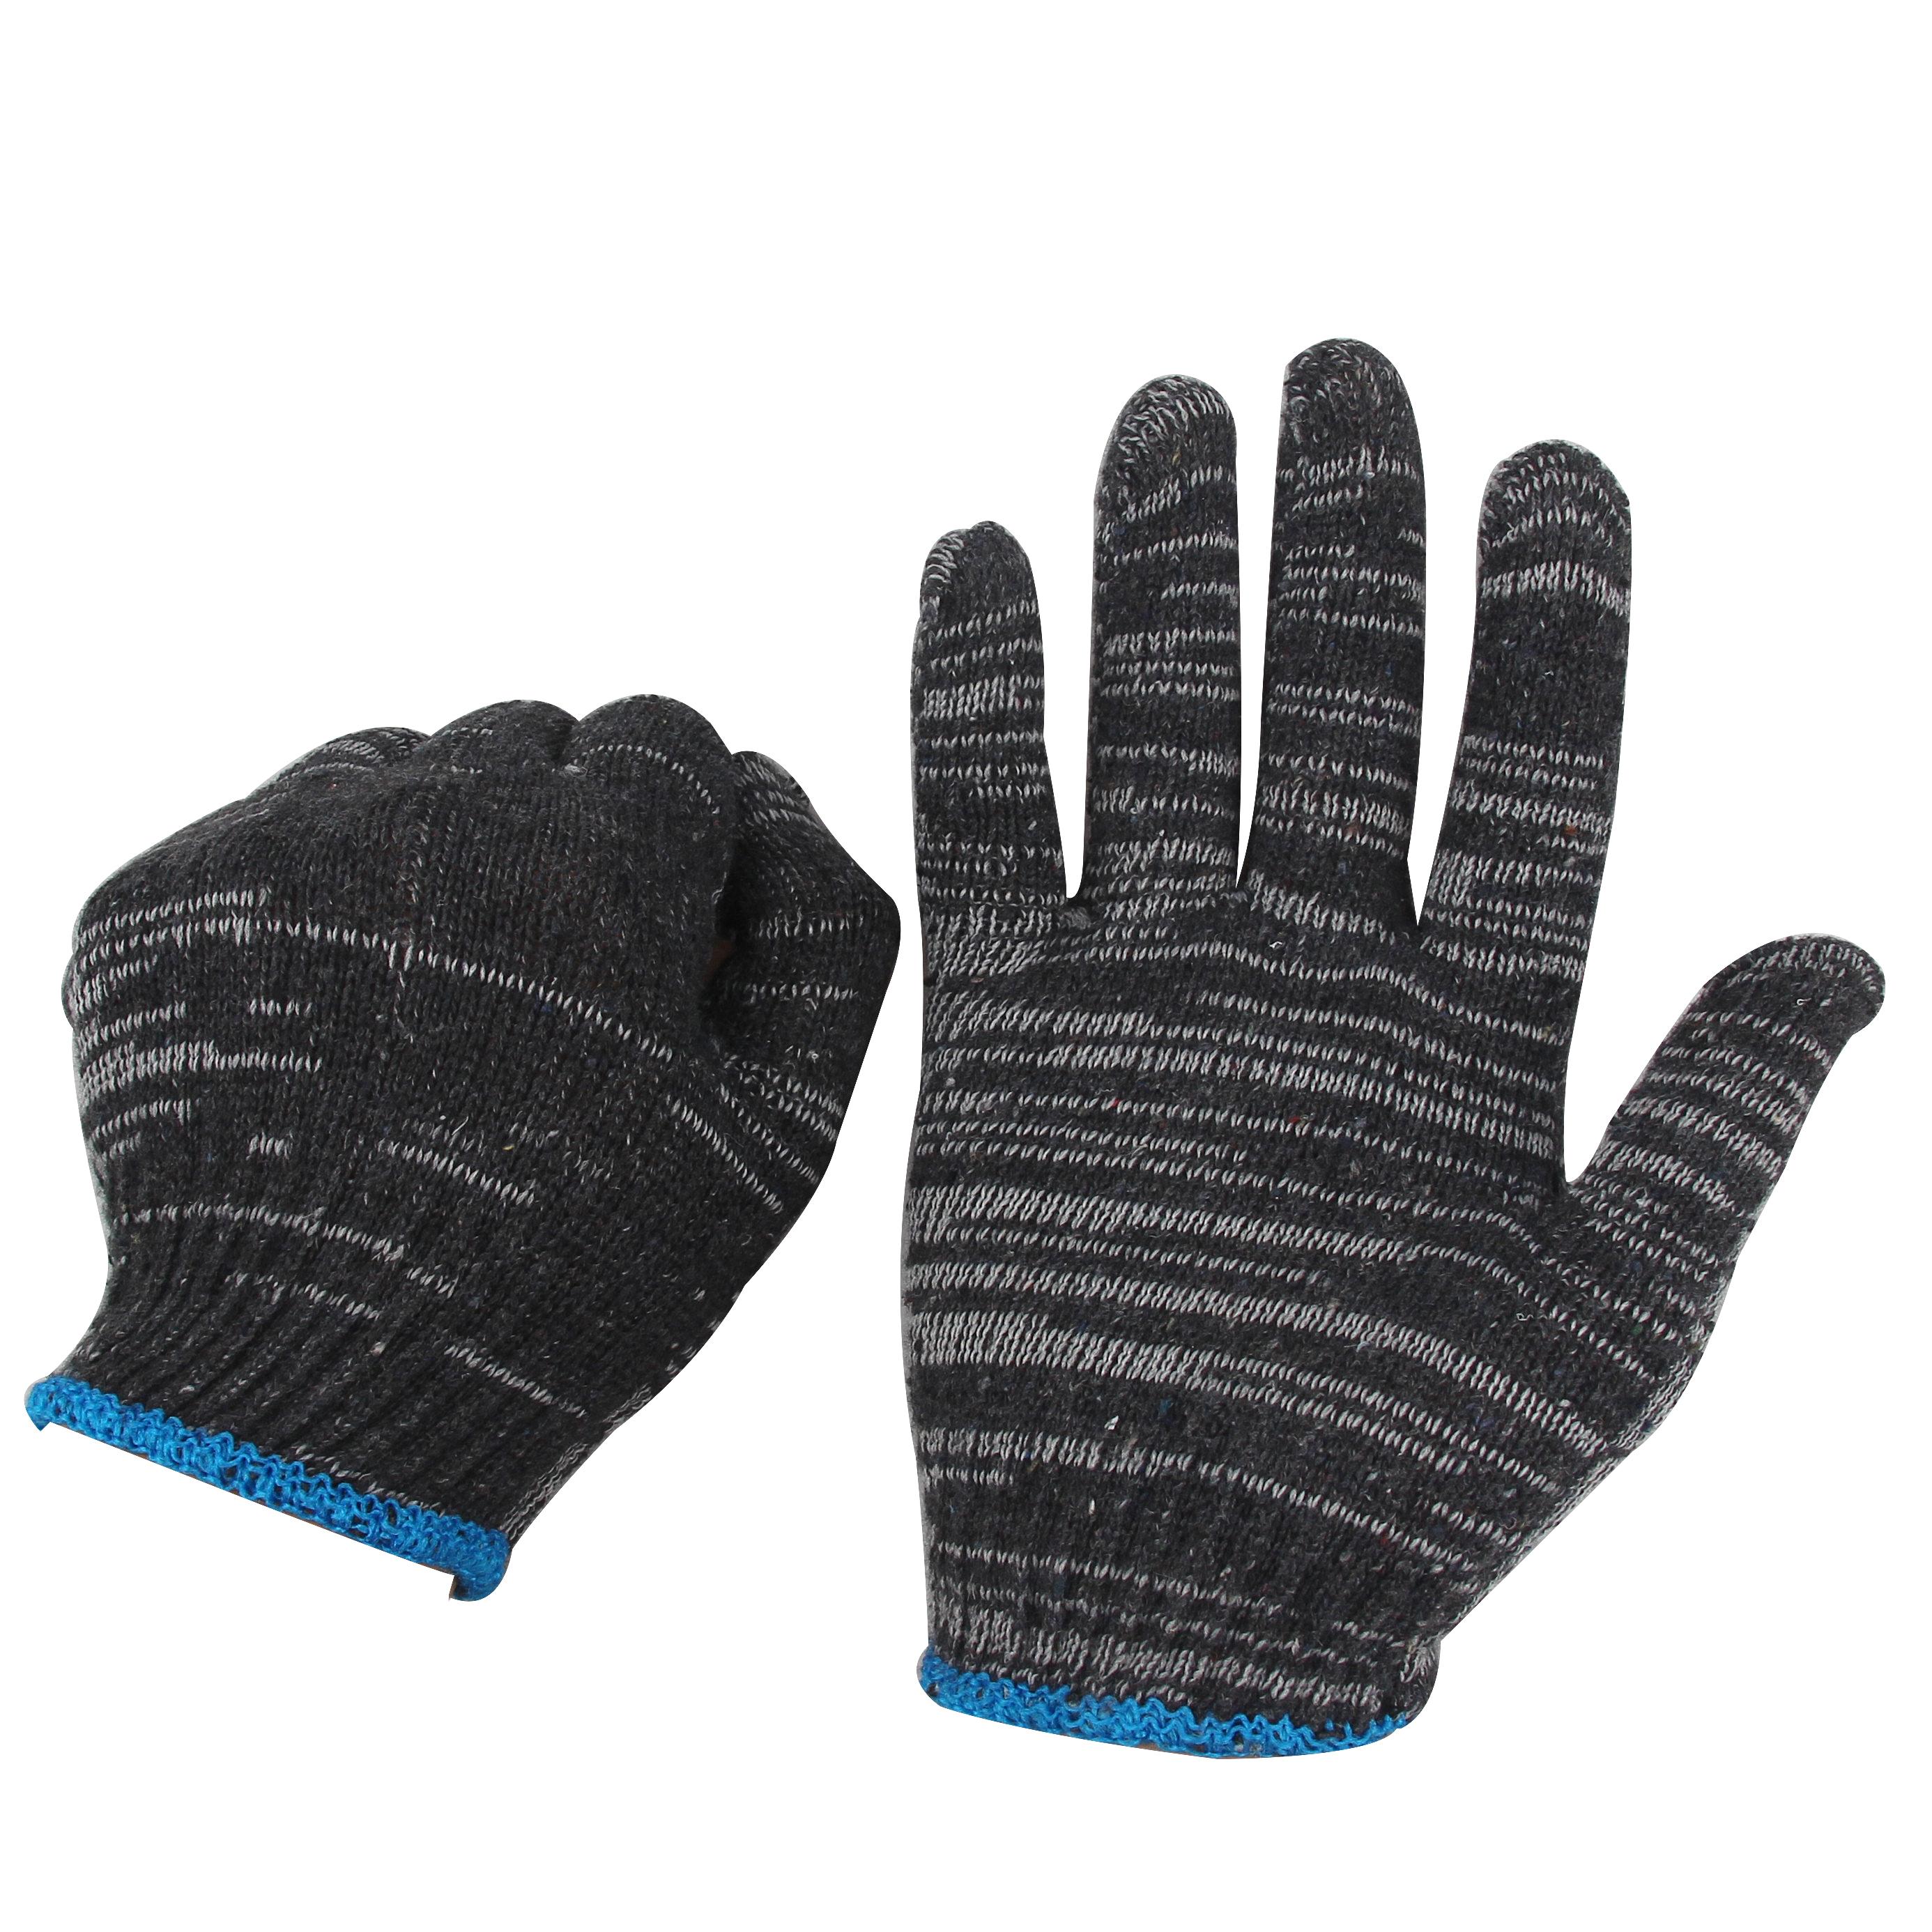 劳保灰黑色耐脏手套棉线尼龙混纺薄款修车干活便宜一次姓防护手套